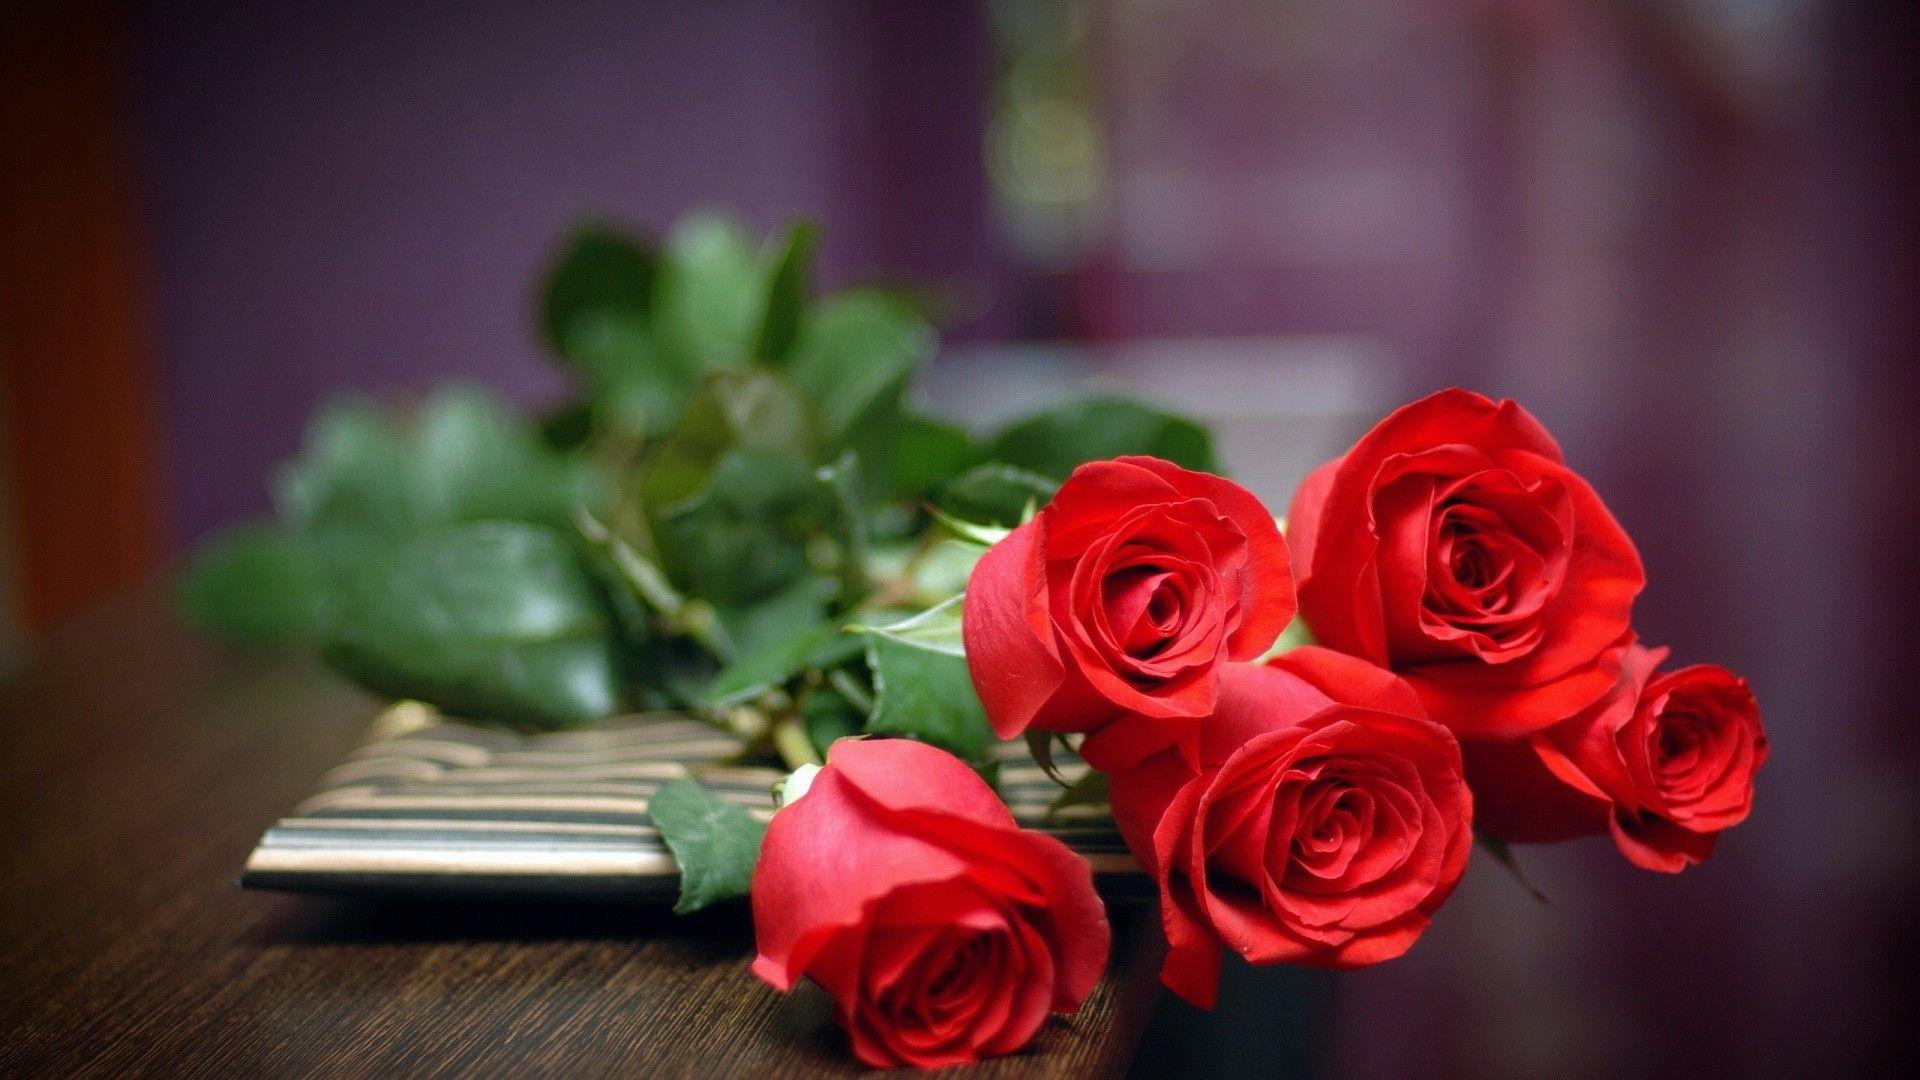 red rose wallpaper free download